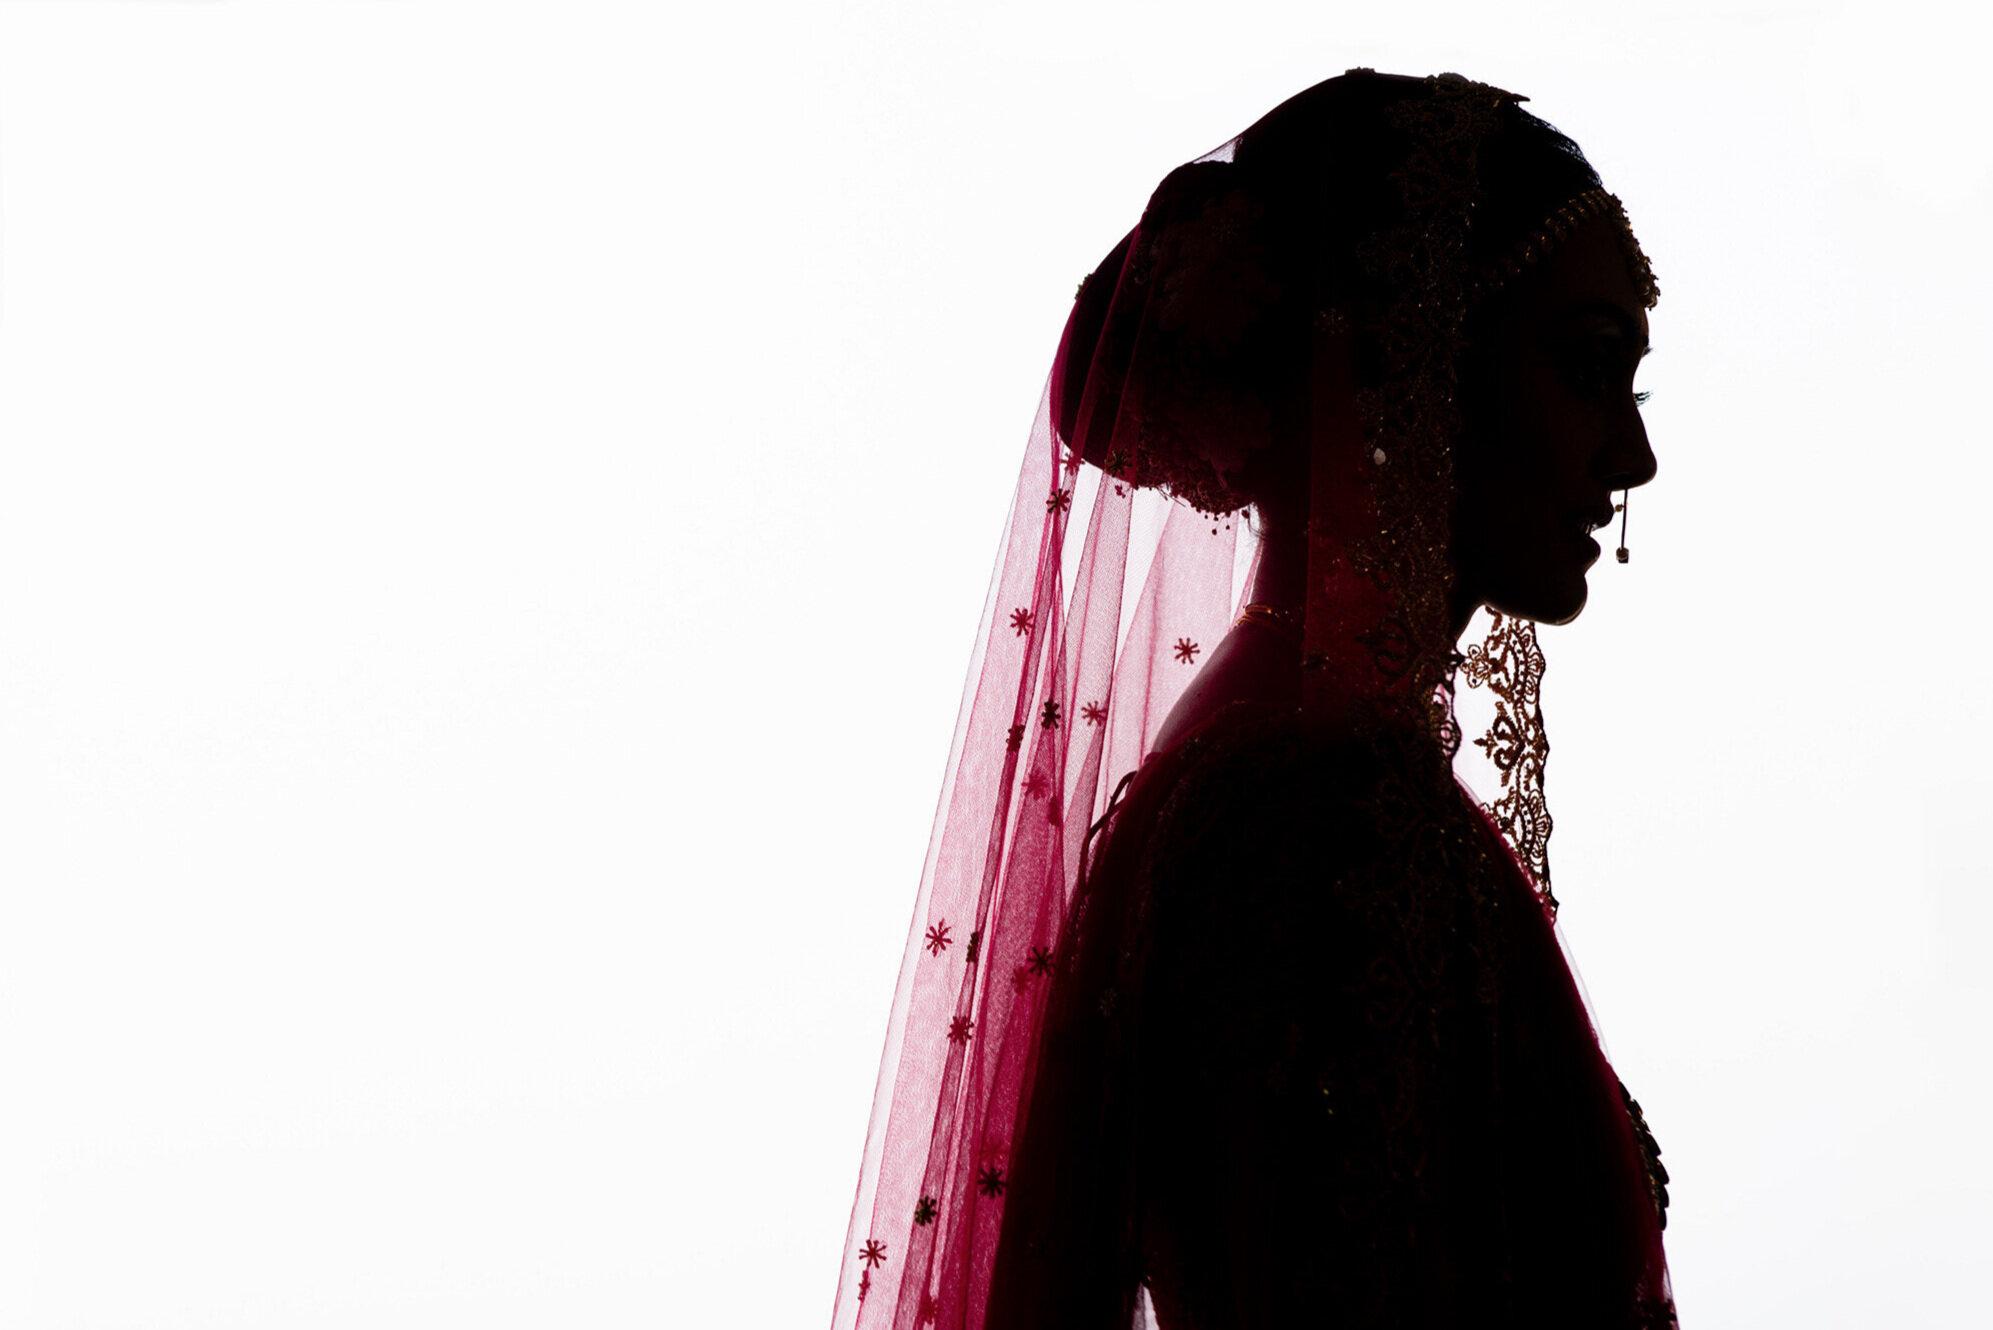 mariage-inde-mumbai-wygledacz-photographe-004.jpg